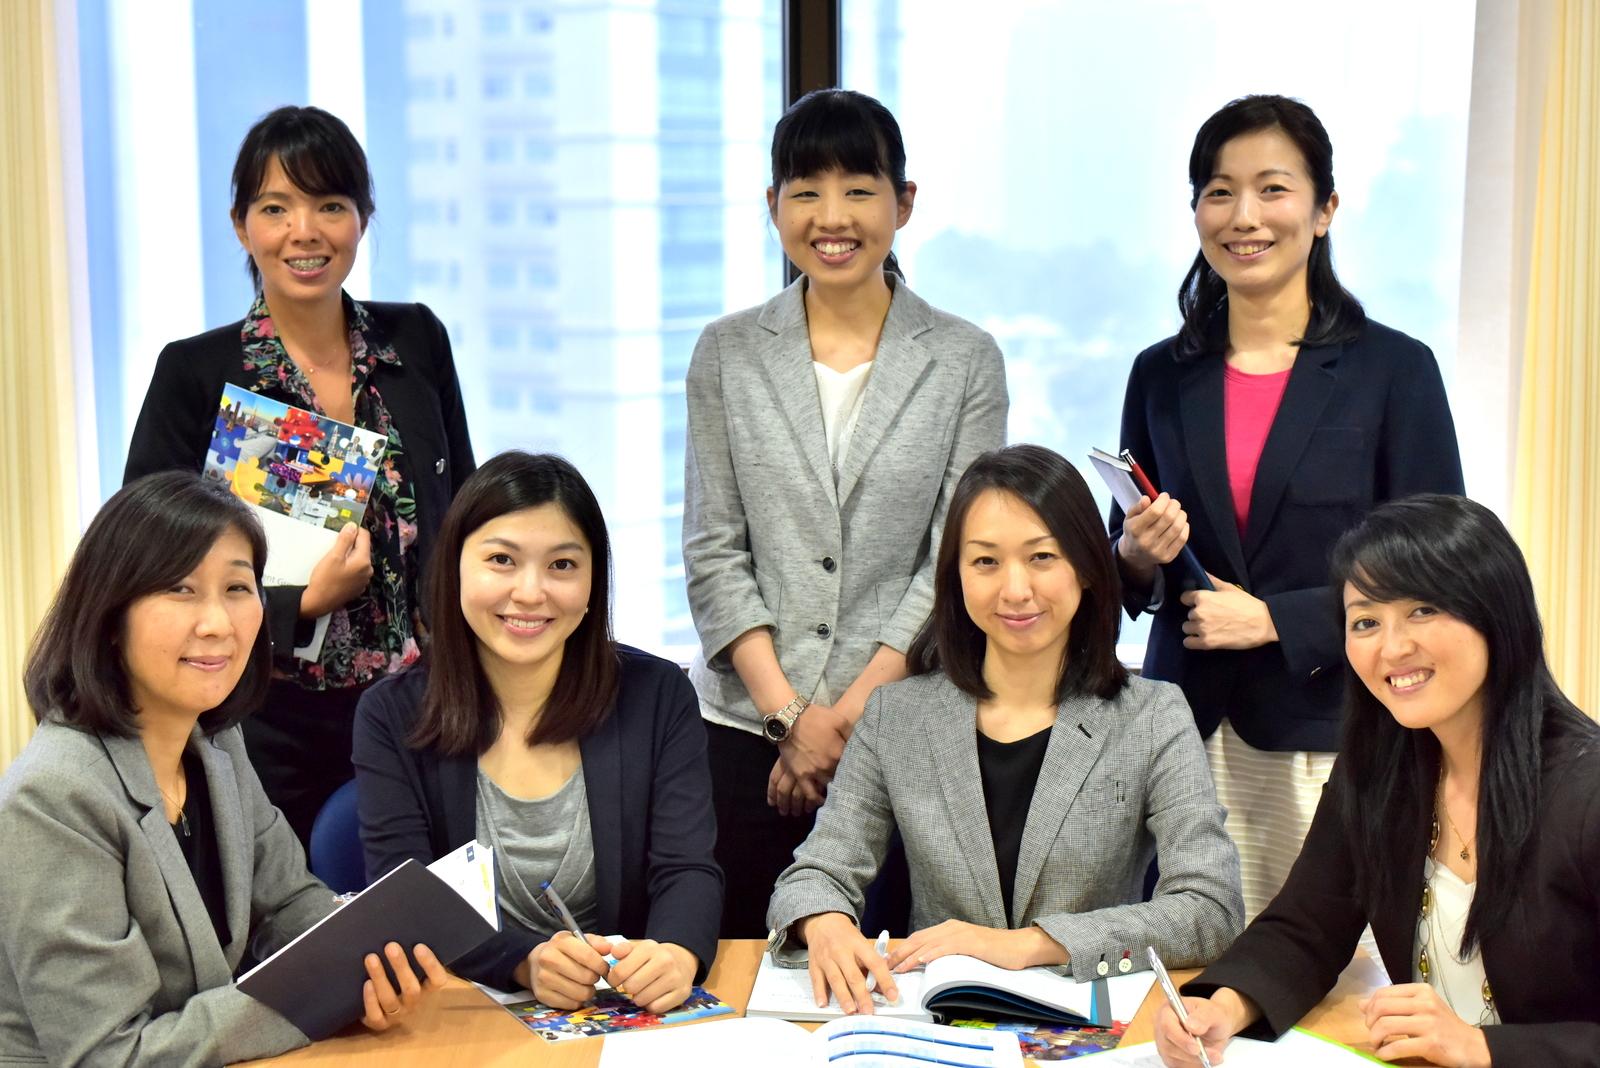 マレーシアの転職エージェント JAC Recruitment メンバー